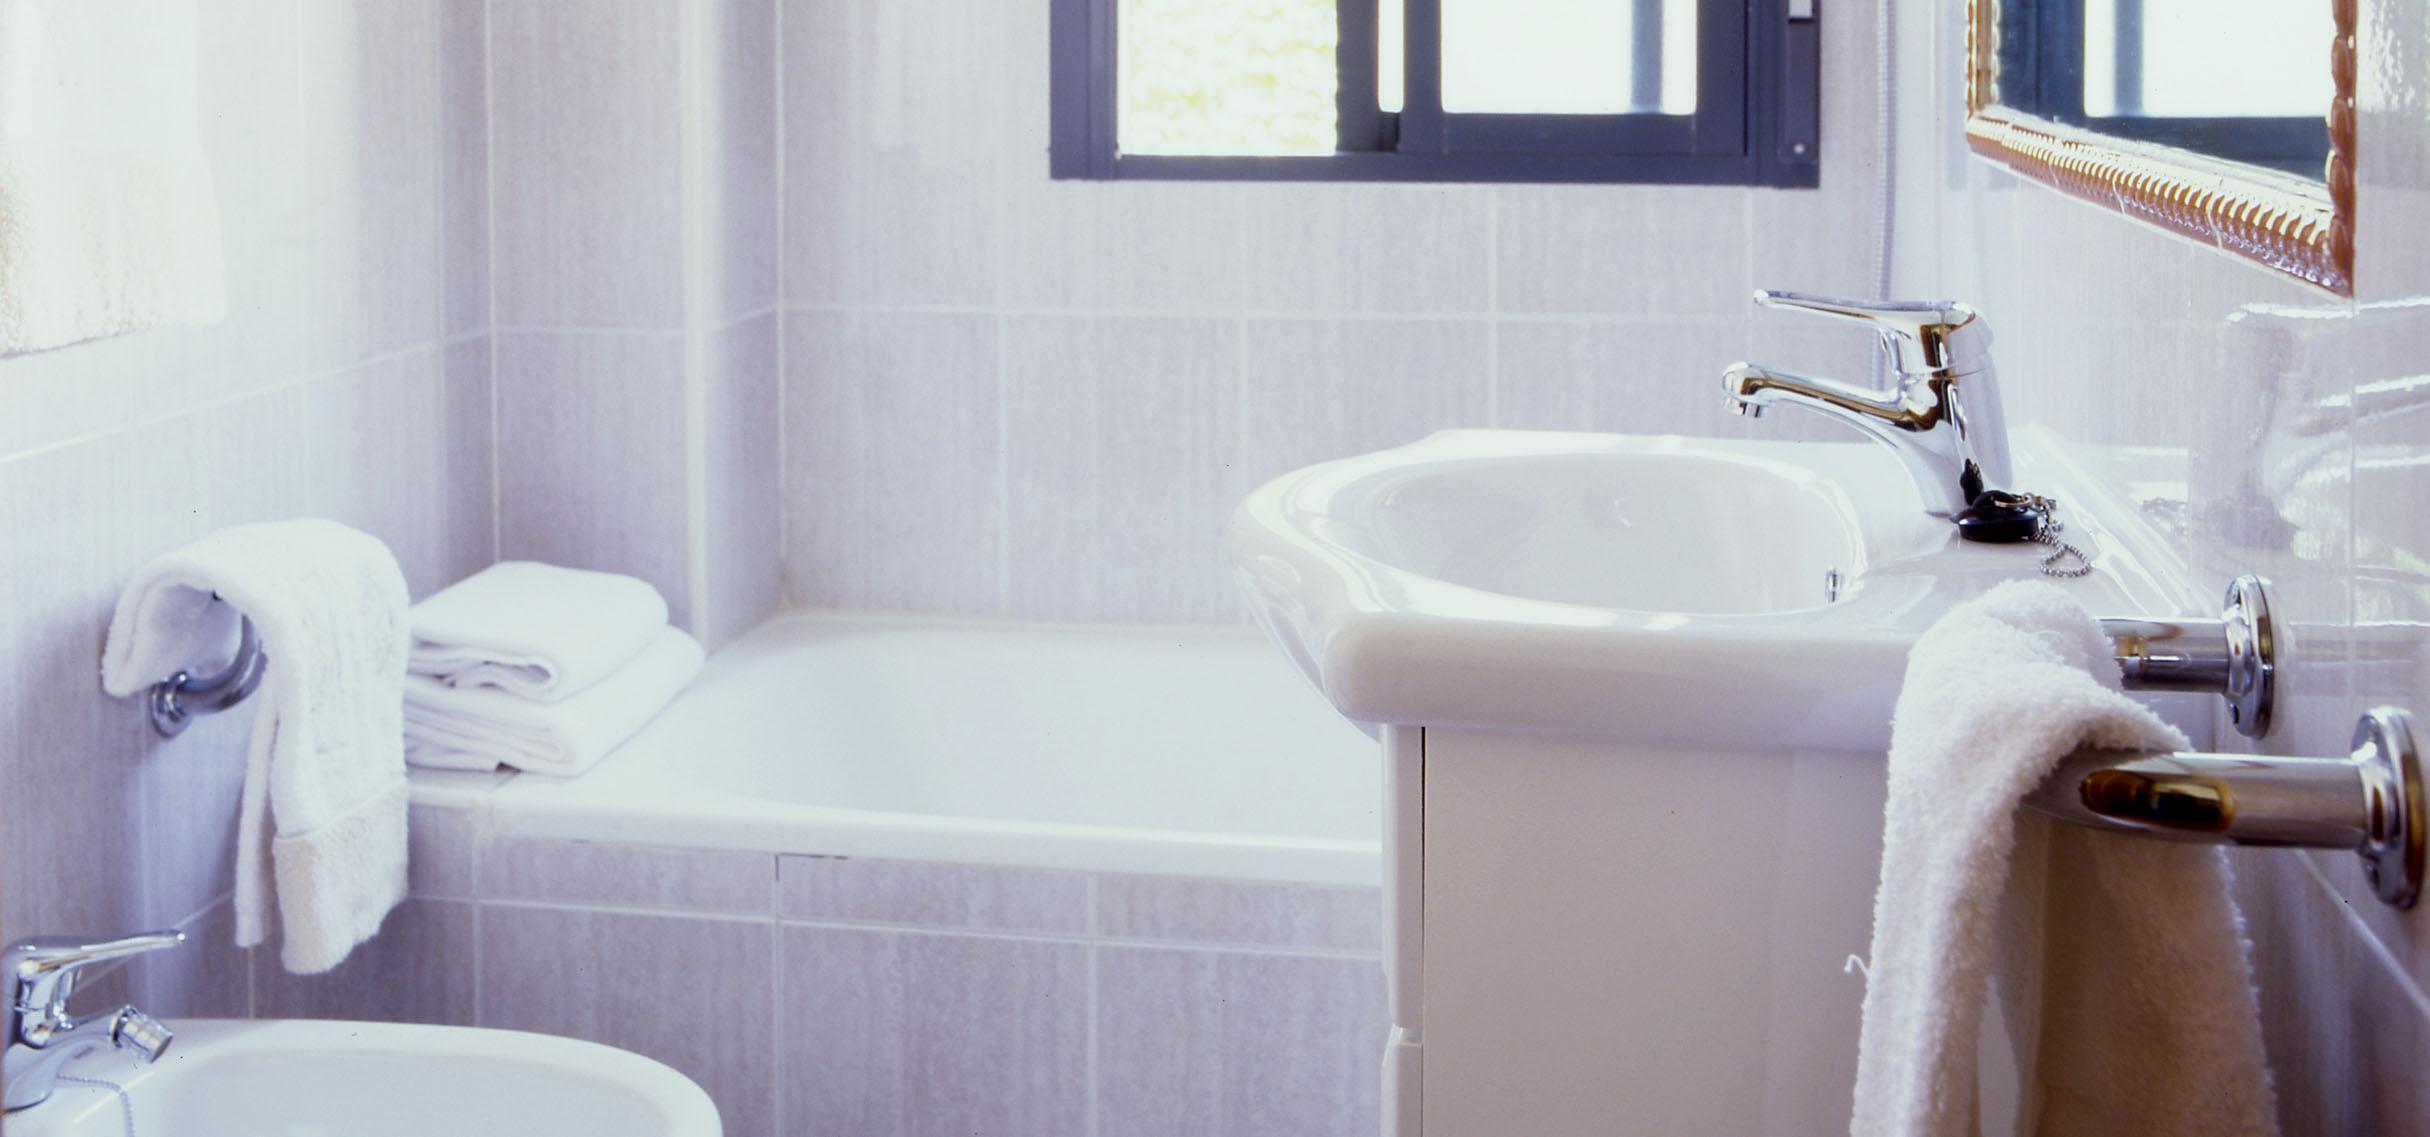 Pisos de alquiler en madrid baratos piso 2 habitaciones for Banos completos baratos